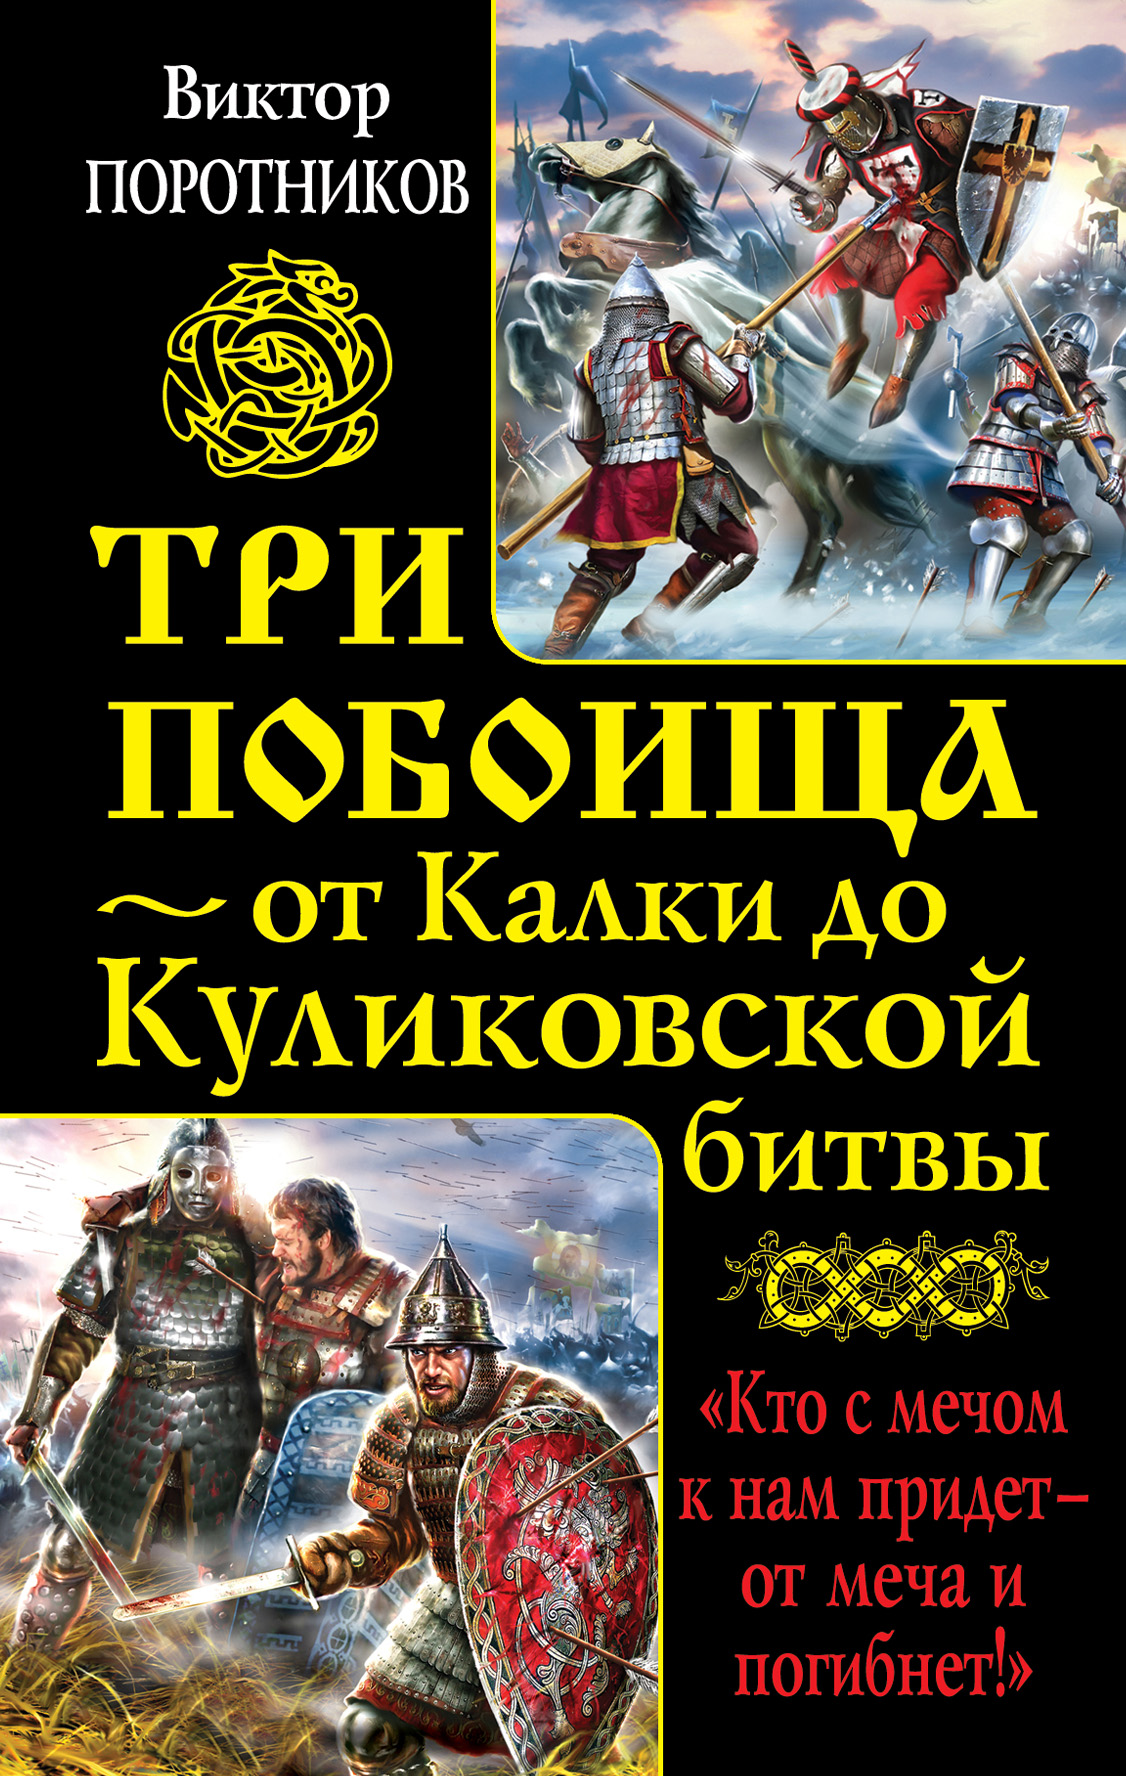 Три побоища – от Калки до Куликовской битвы (сборник)